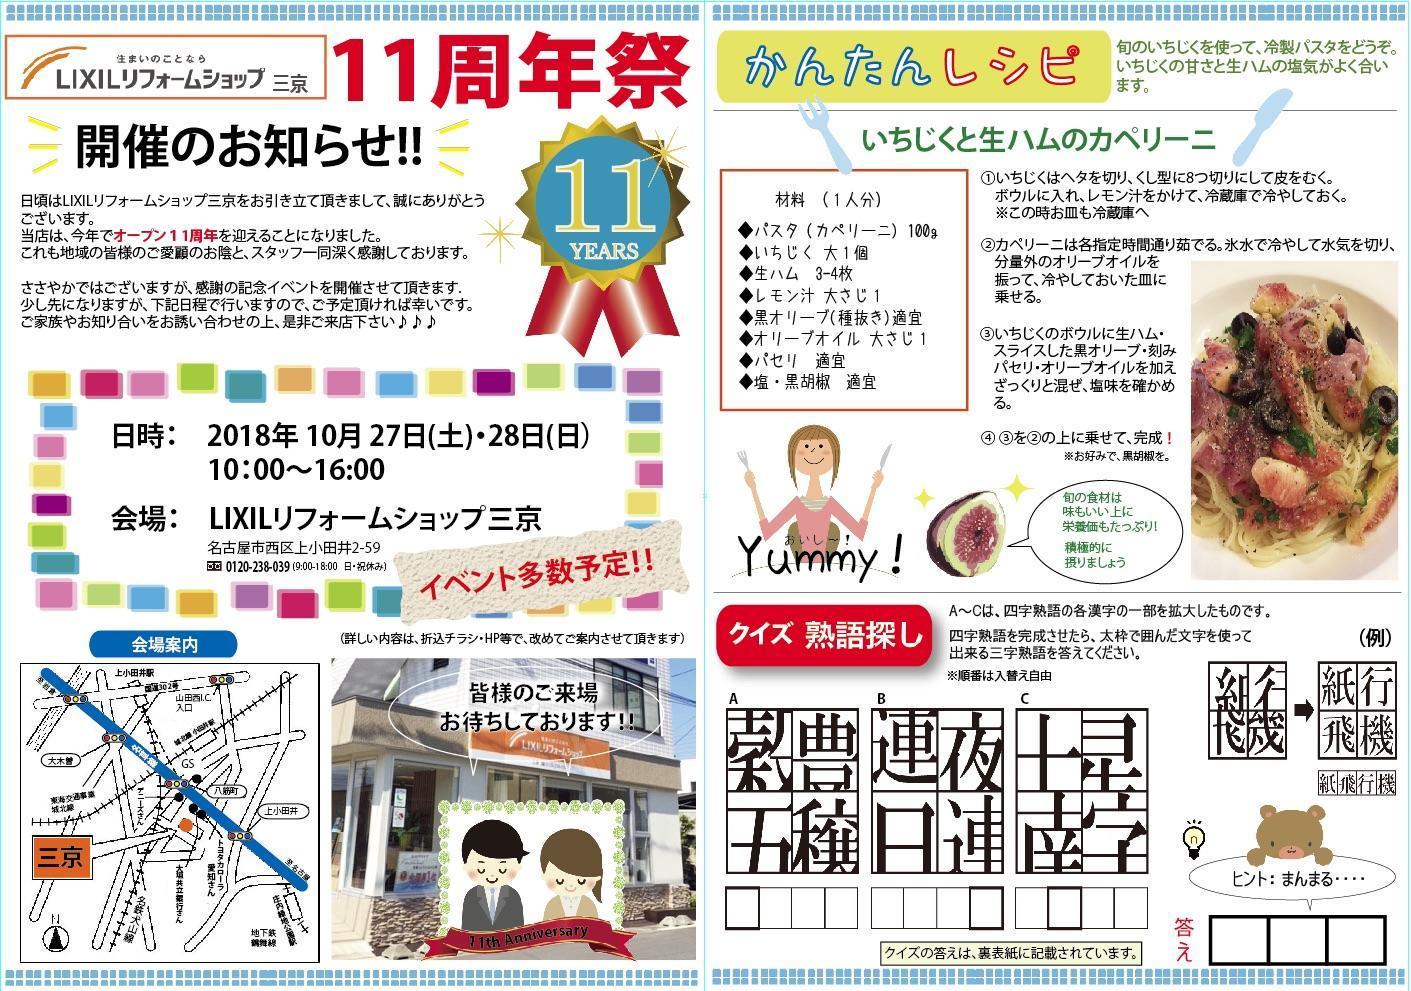 https://lixil-reformshop.jp/shop/SC00231038/photos/2a46f004f03c39213b7c869ef76ef4e22f92d14b.jpg